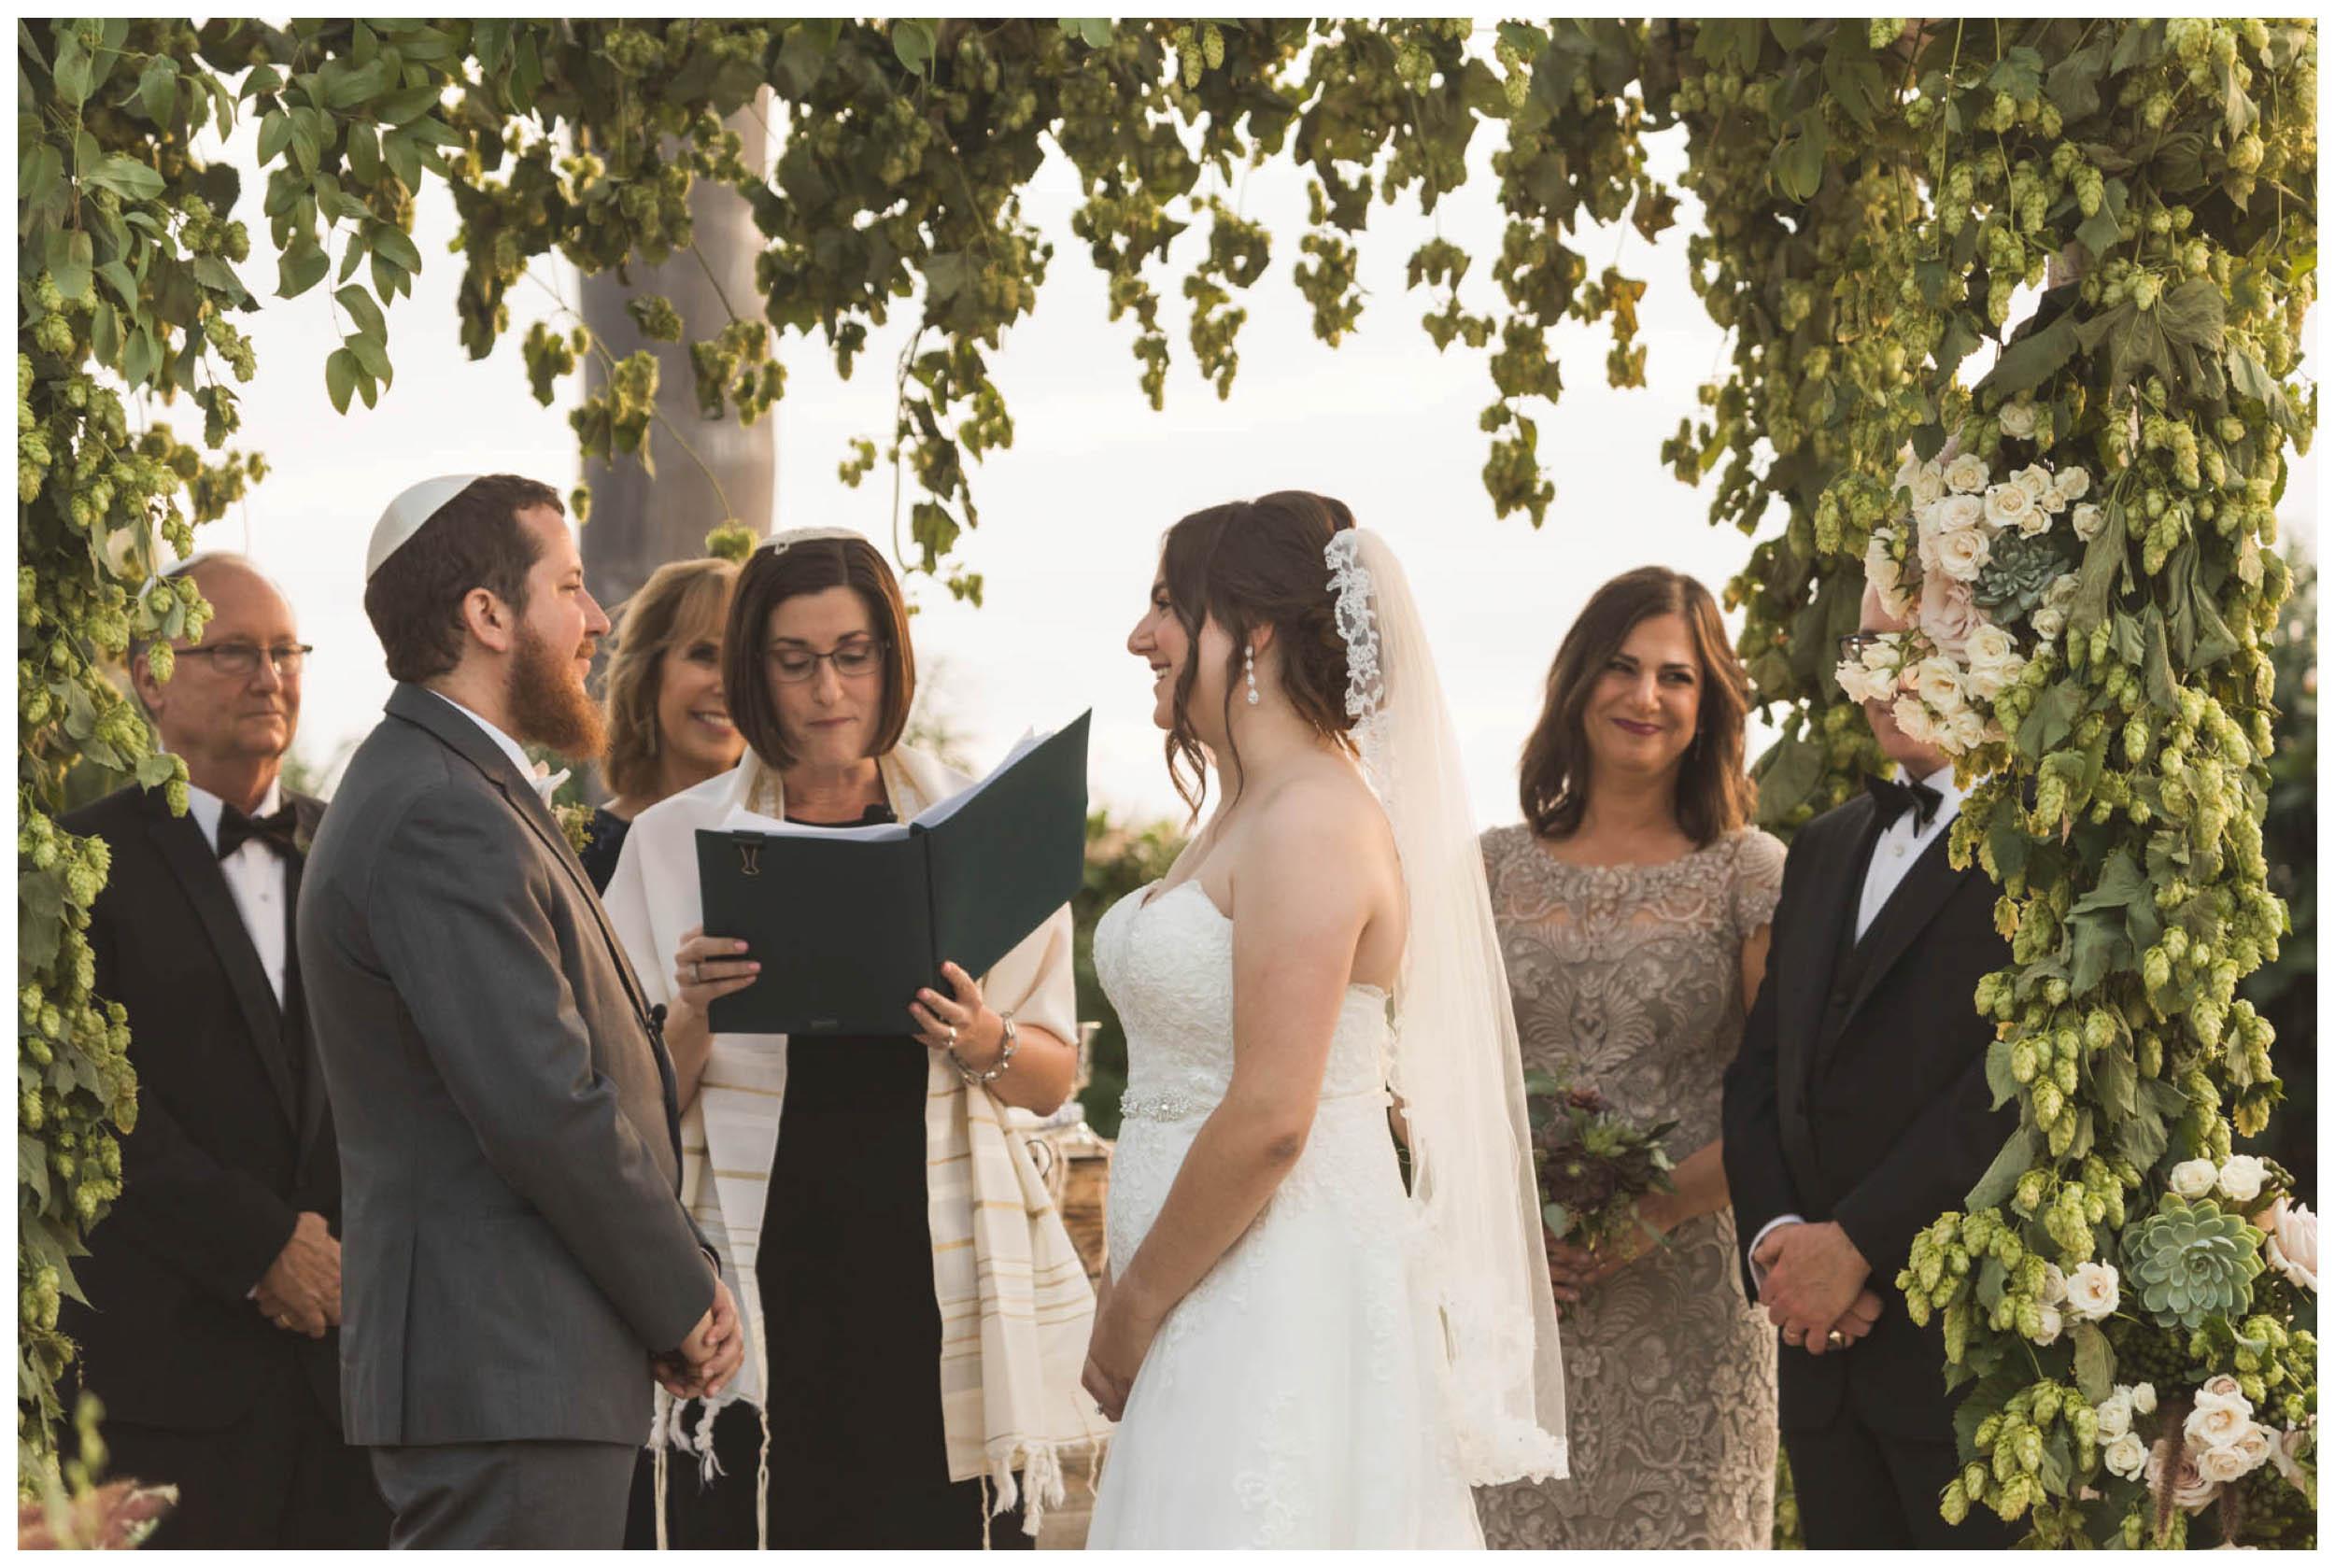 shewanders.wedding.photography.san.diego.rustic._1707.jpg